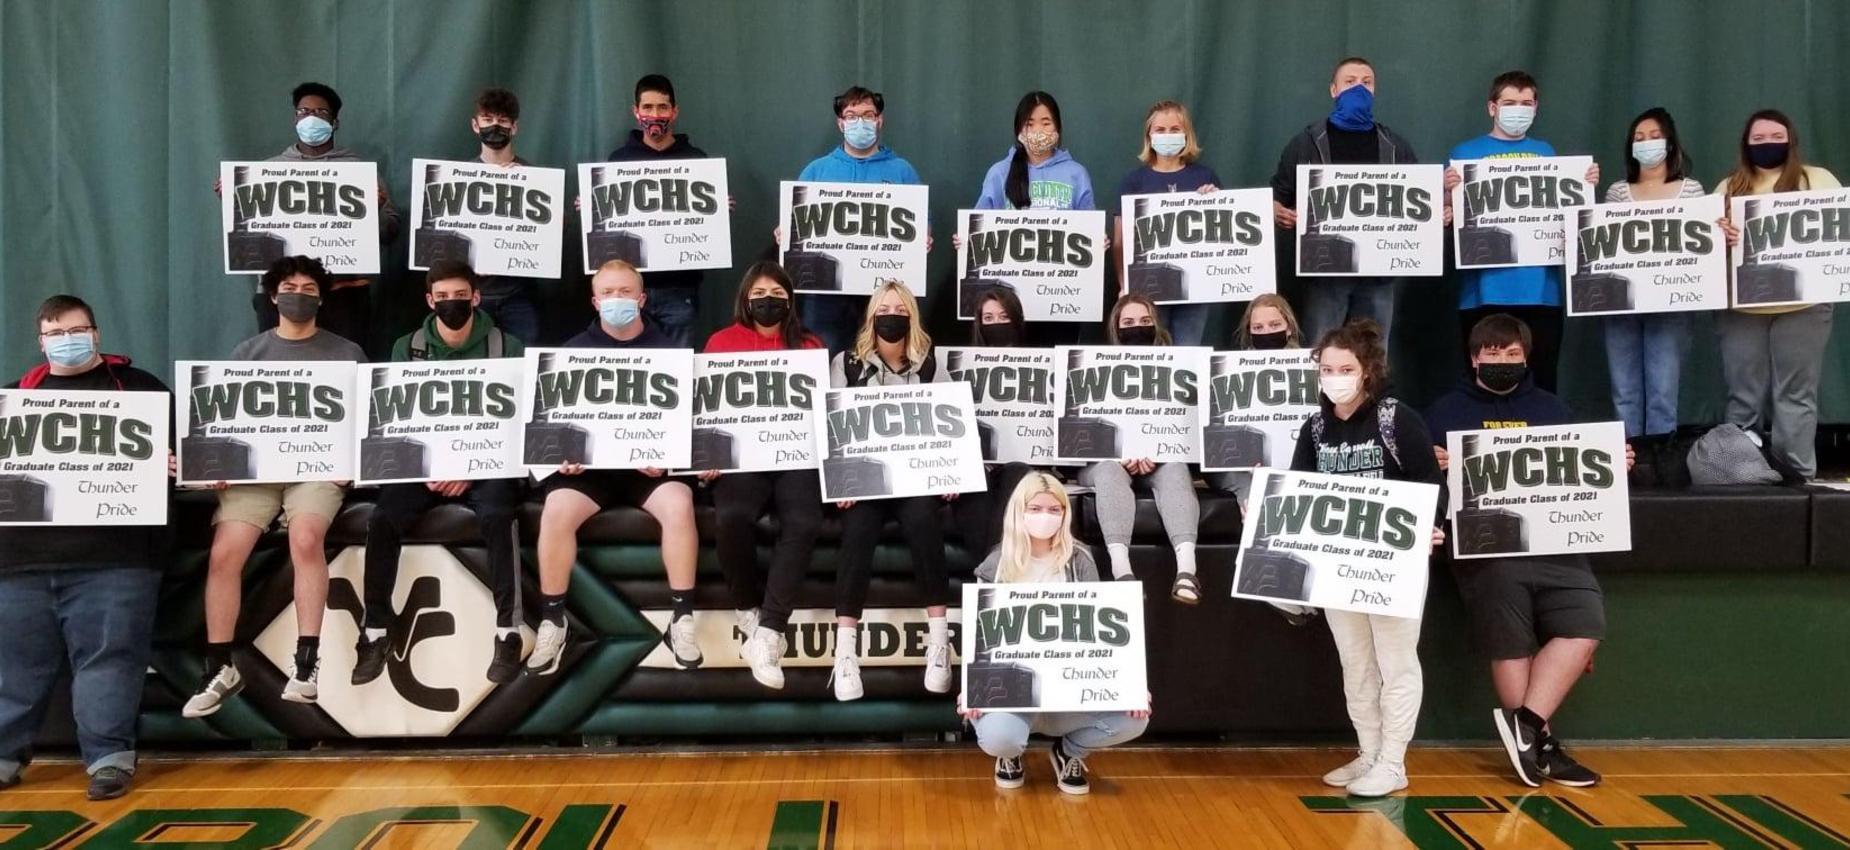 HS senior signs